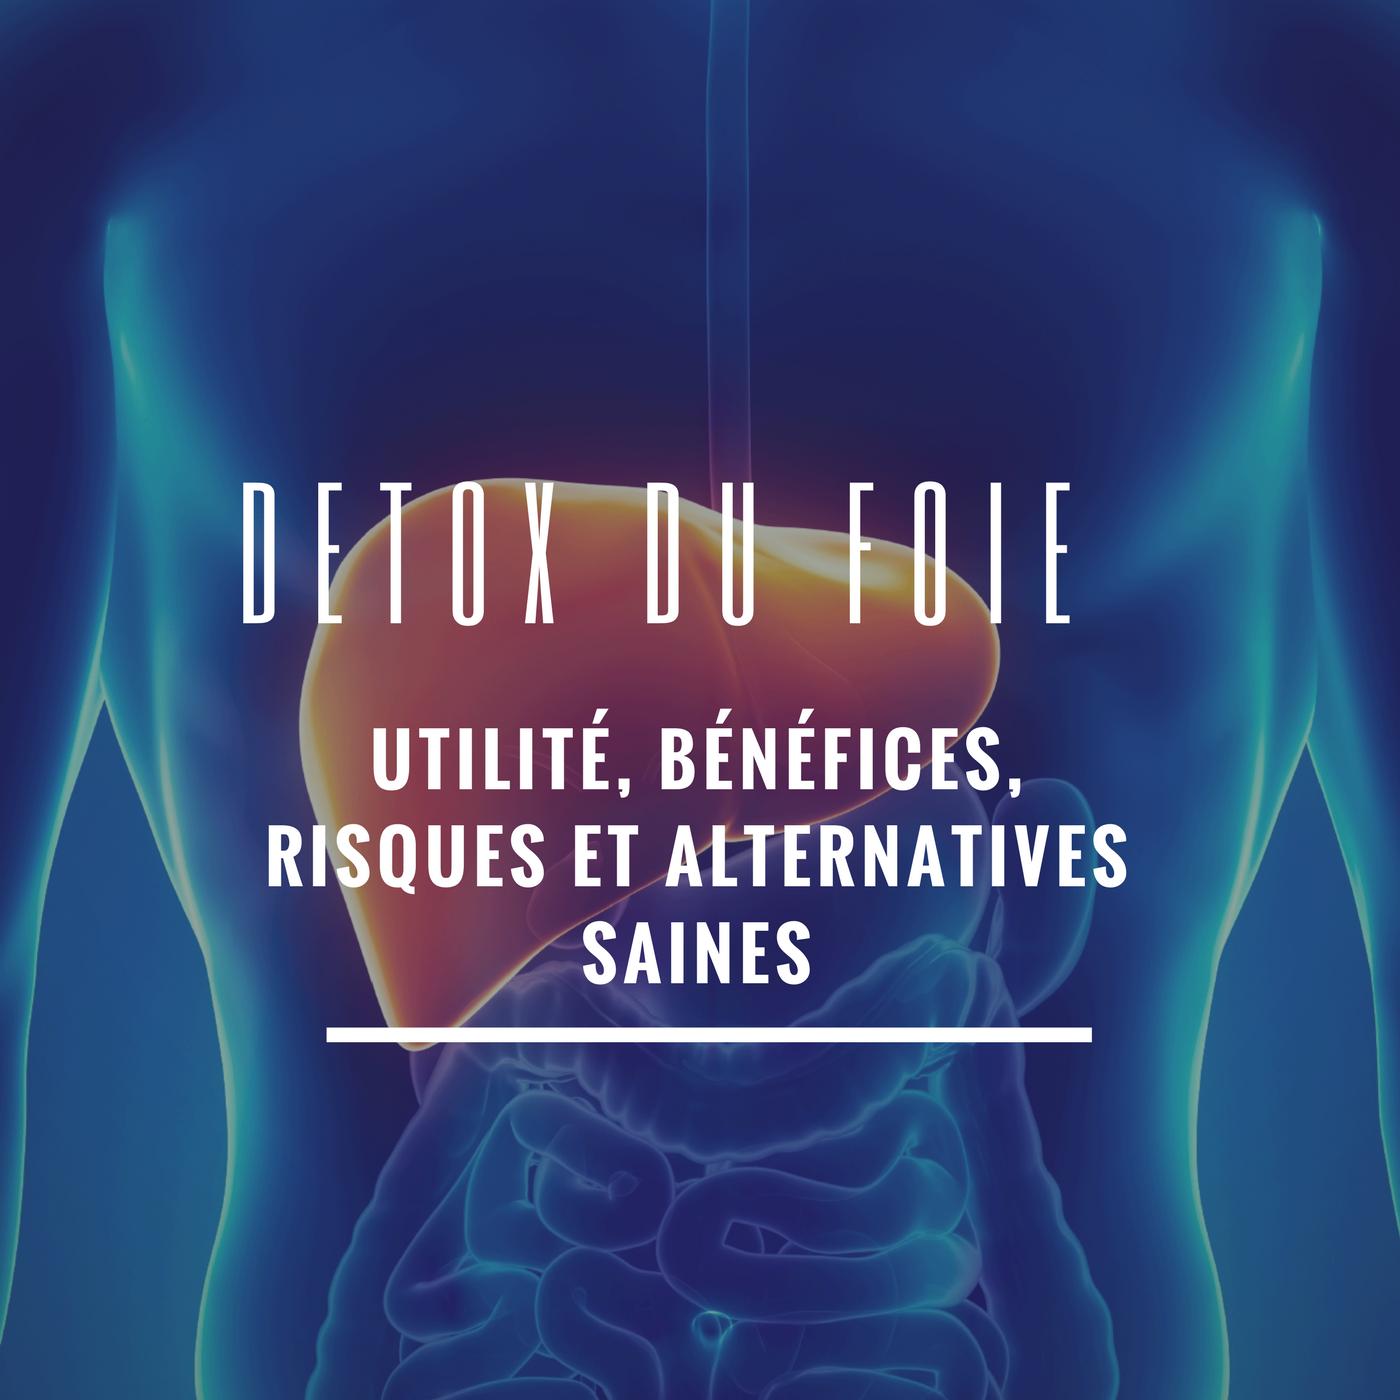 Detox du foie : utilité, bénéfices, risques et